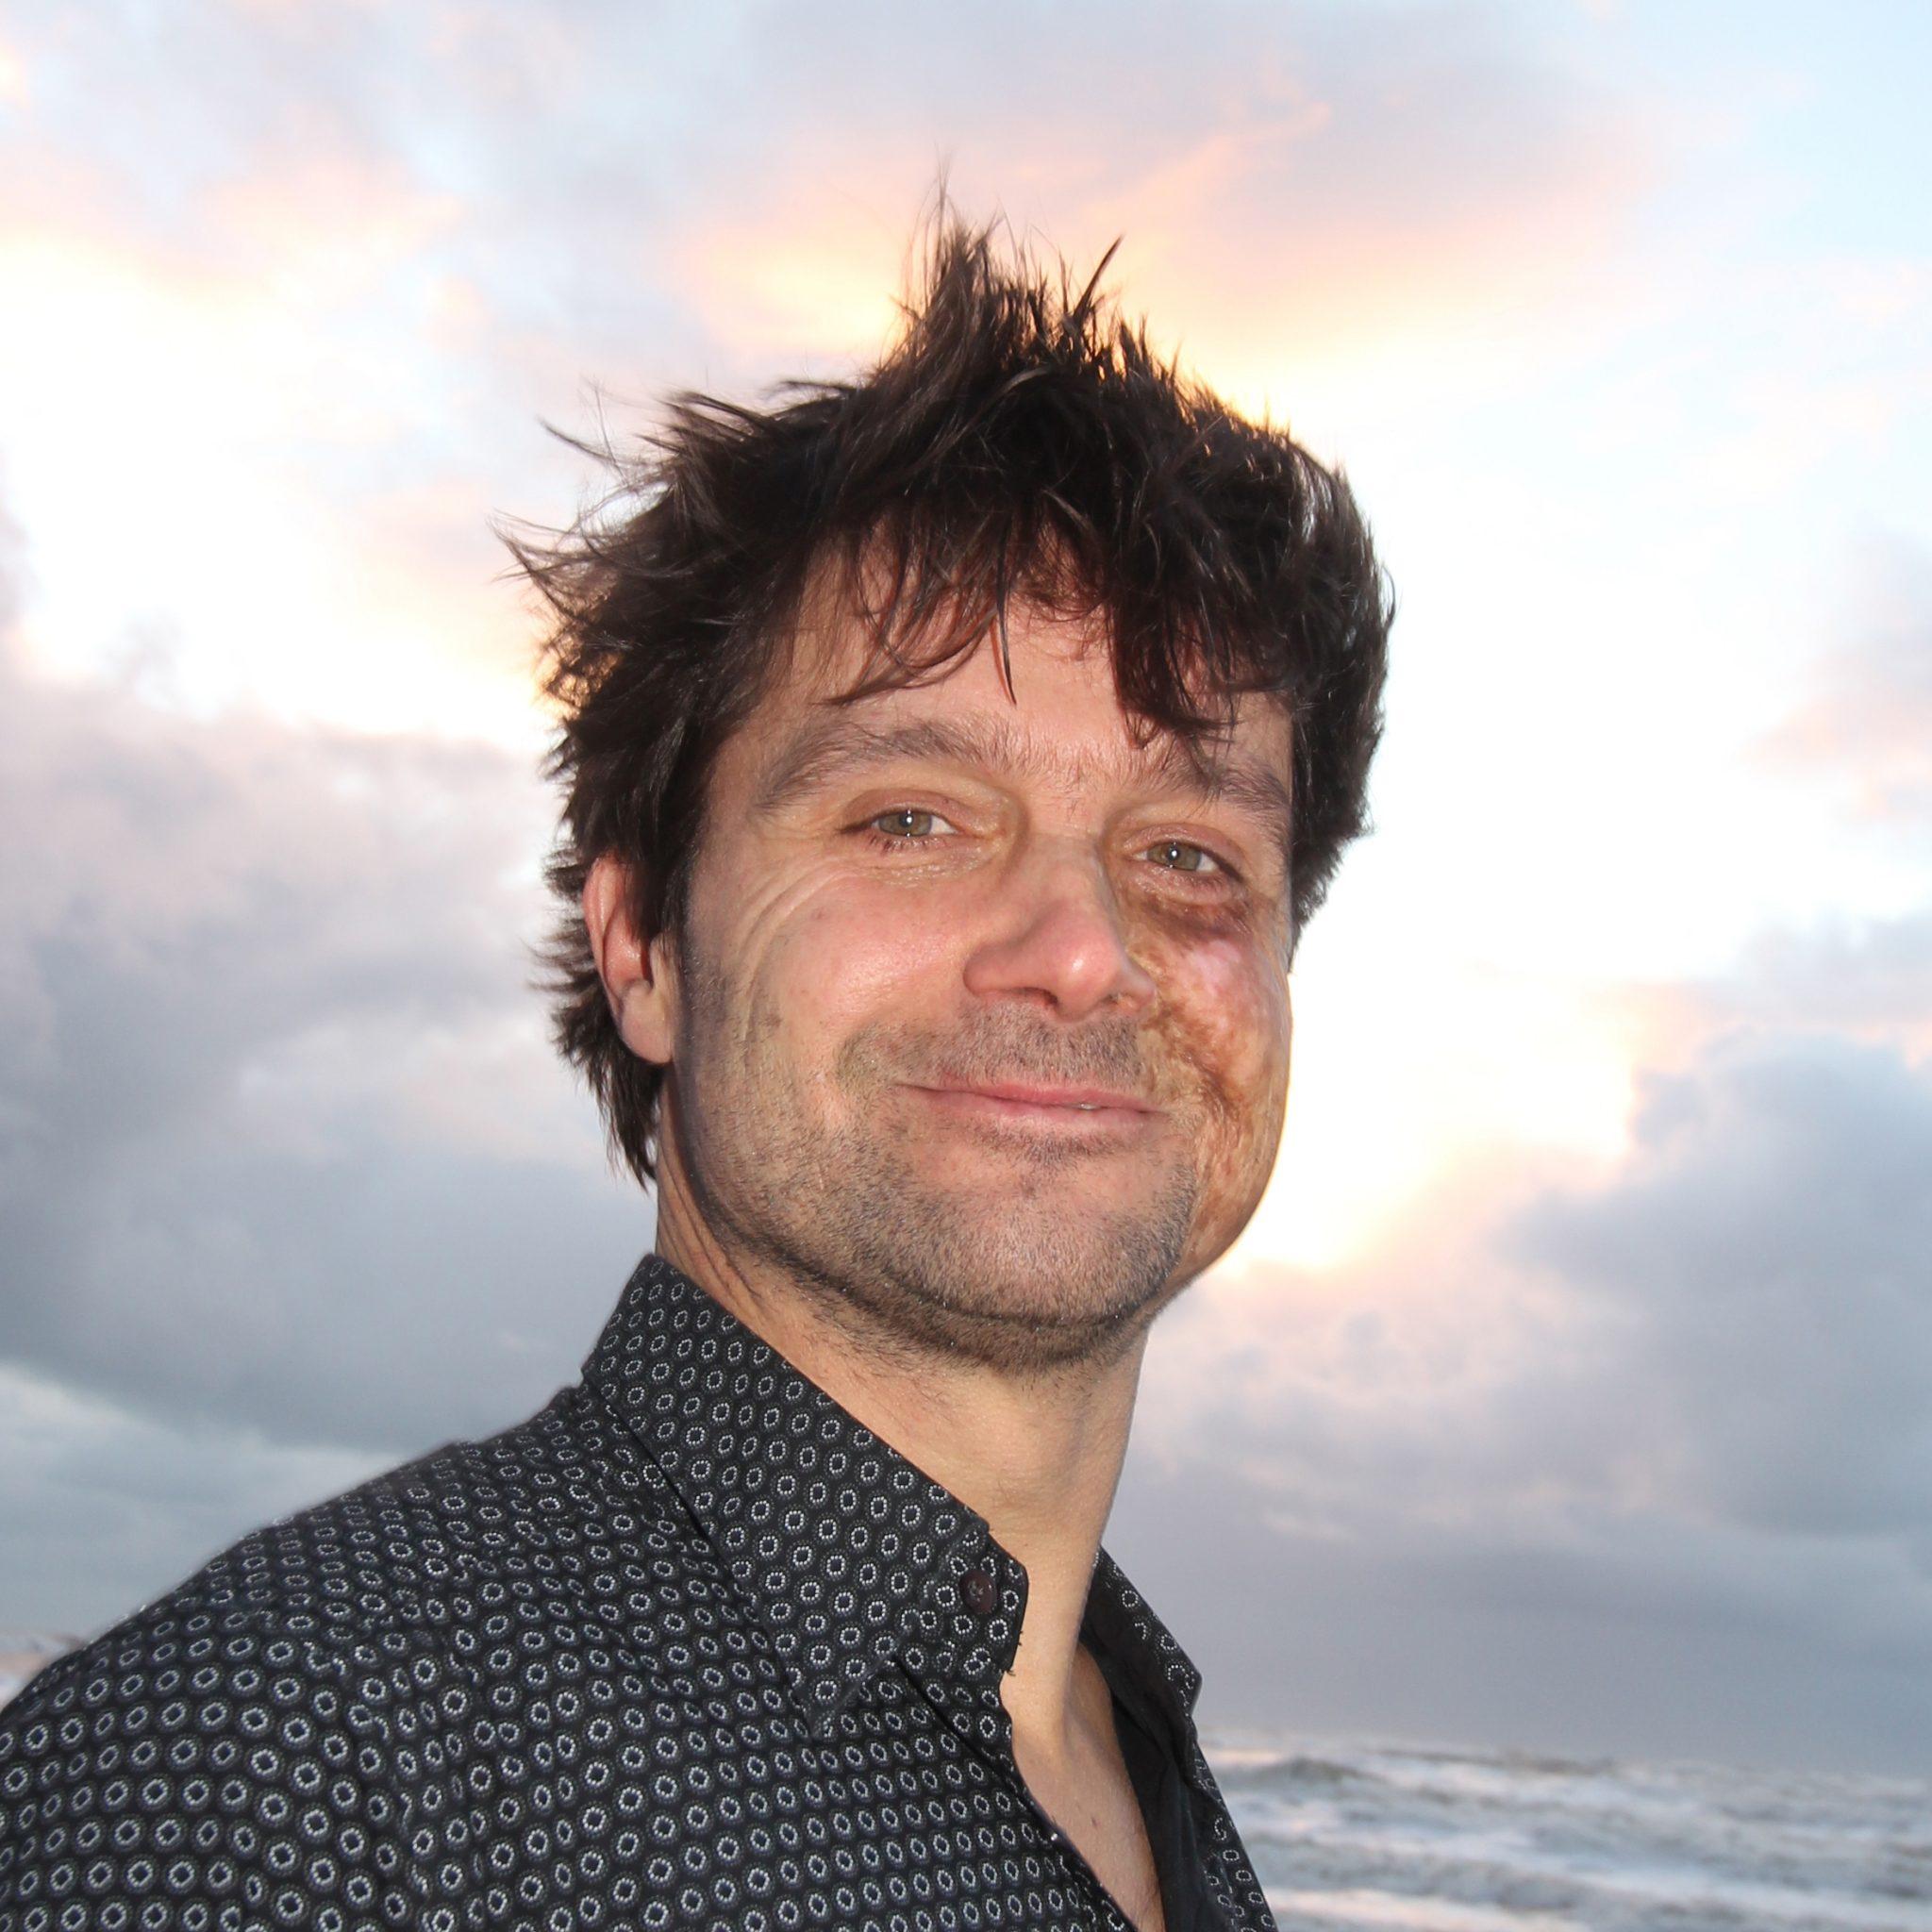 Martijn Gerfin